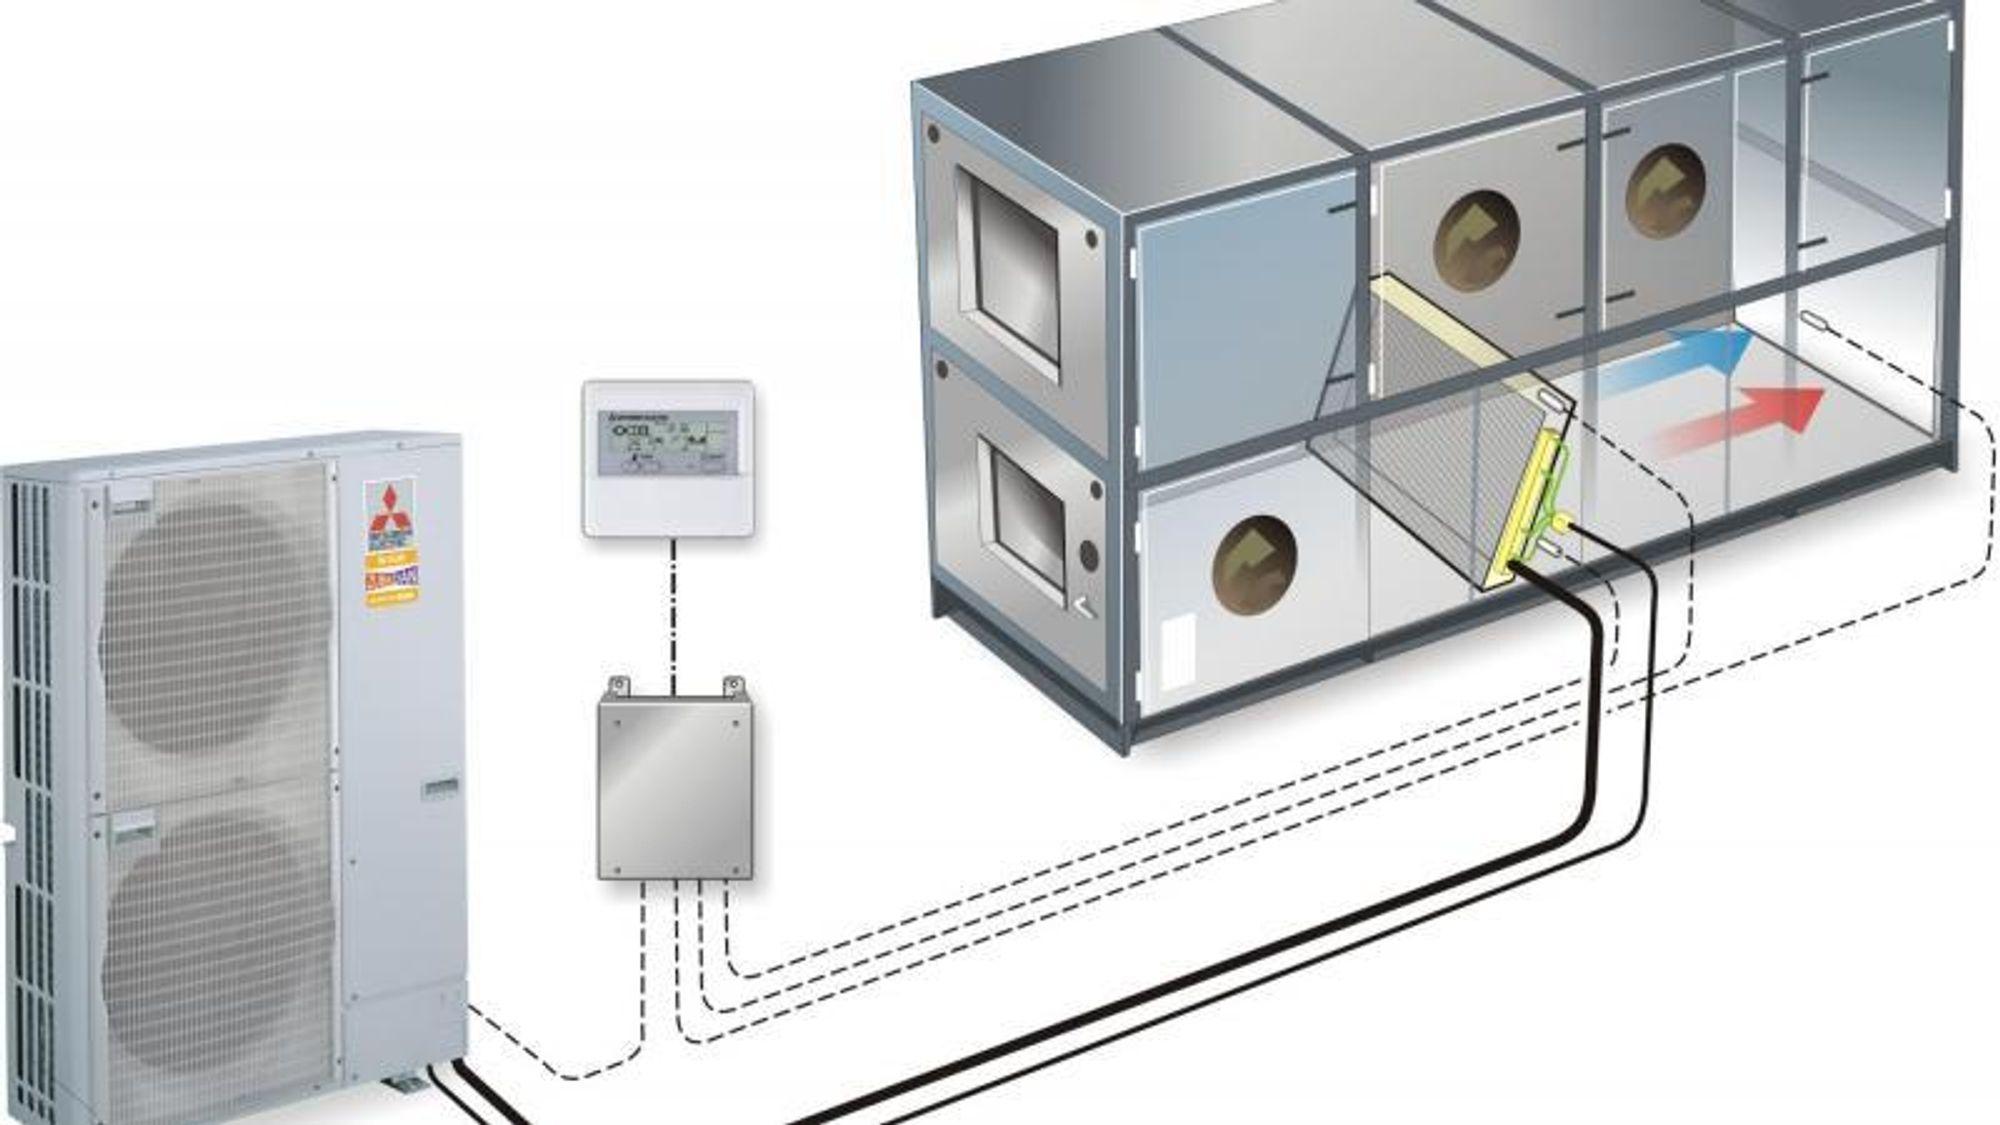 Ekspert mener luft-til-luft-varmepumper innen kort tid vil kunne konkurrere med gassmarkedet i Danmark, og på sikt en liten del av fjernevarmemarkedet.